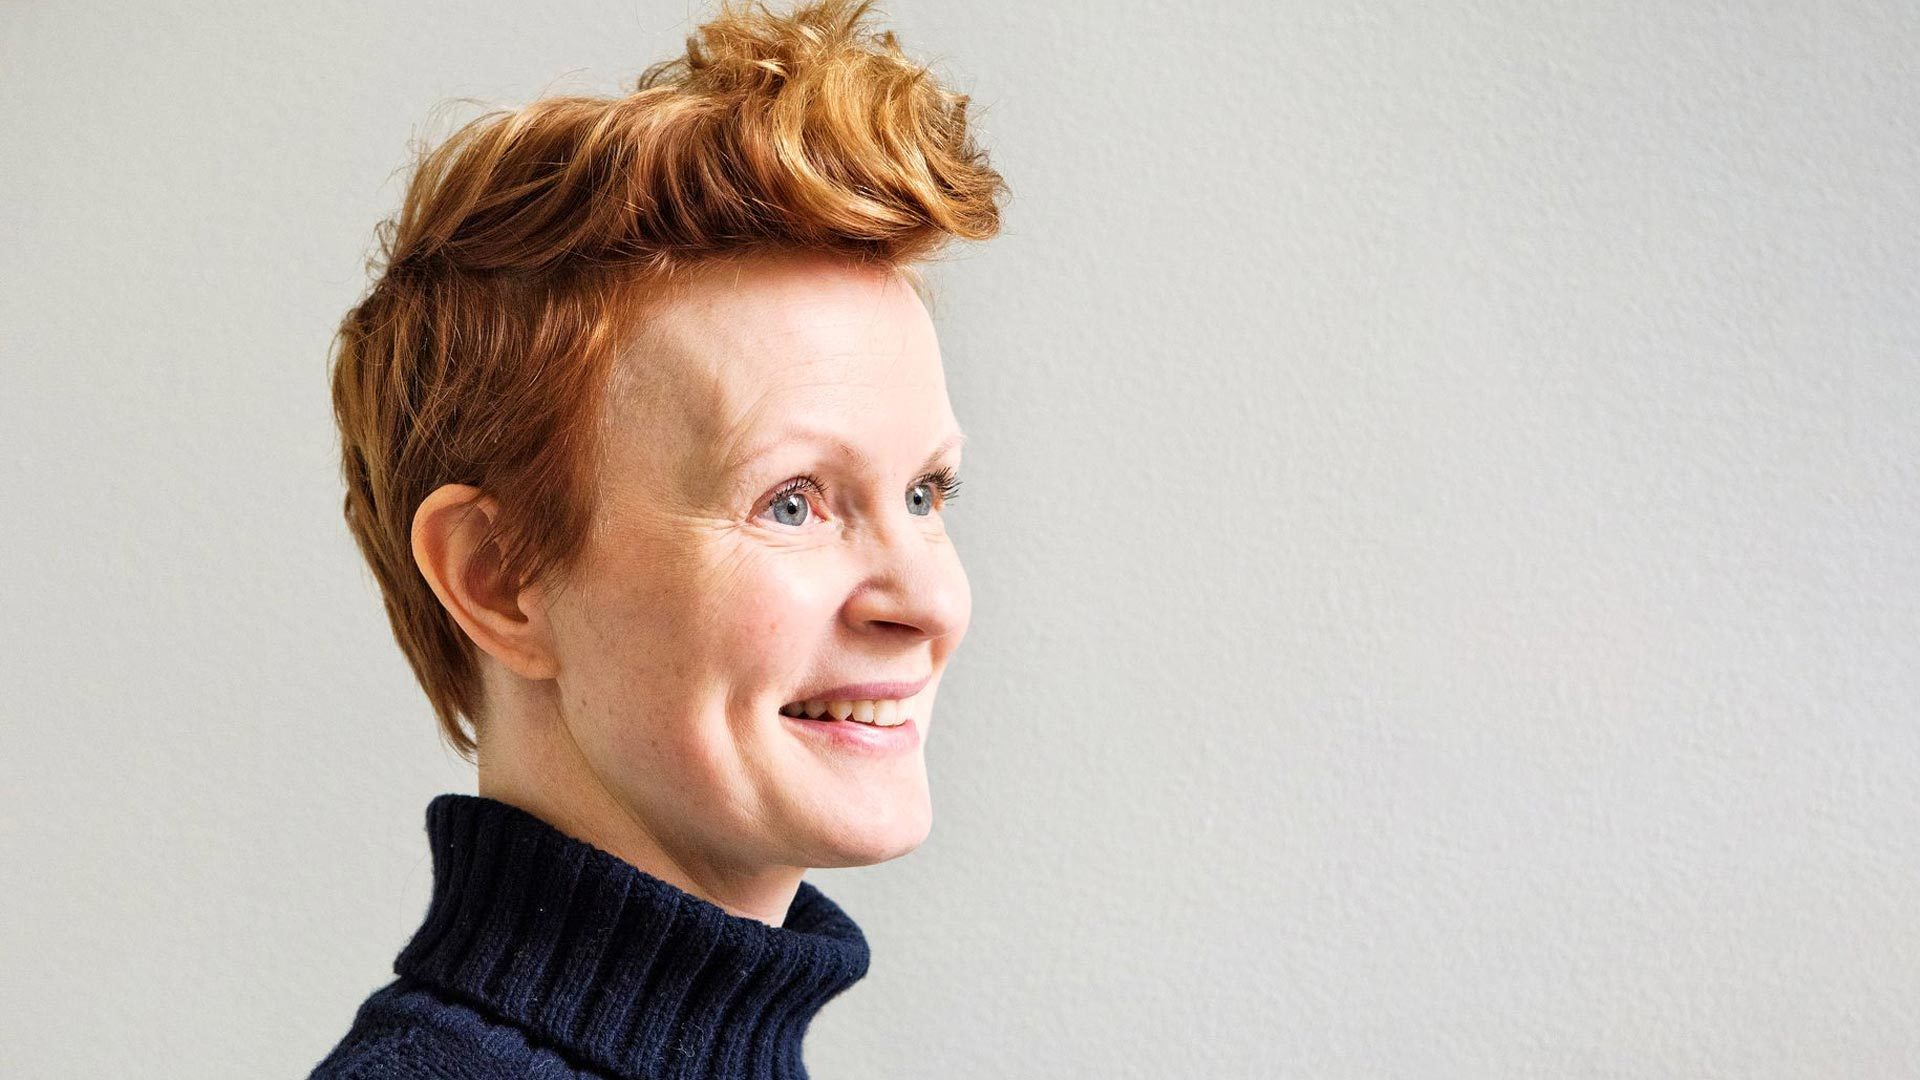 Tuottaja-näyttelijäMinna Haapkylä, 47, on mukana Elisa Viihteellä nähtävässä Kioski -sarjassa, jonka on myös tuottanut.